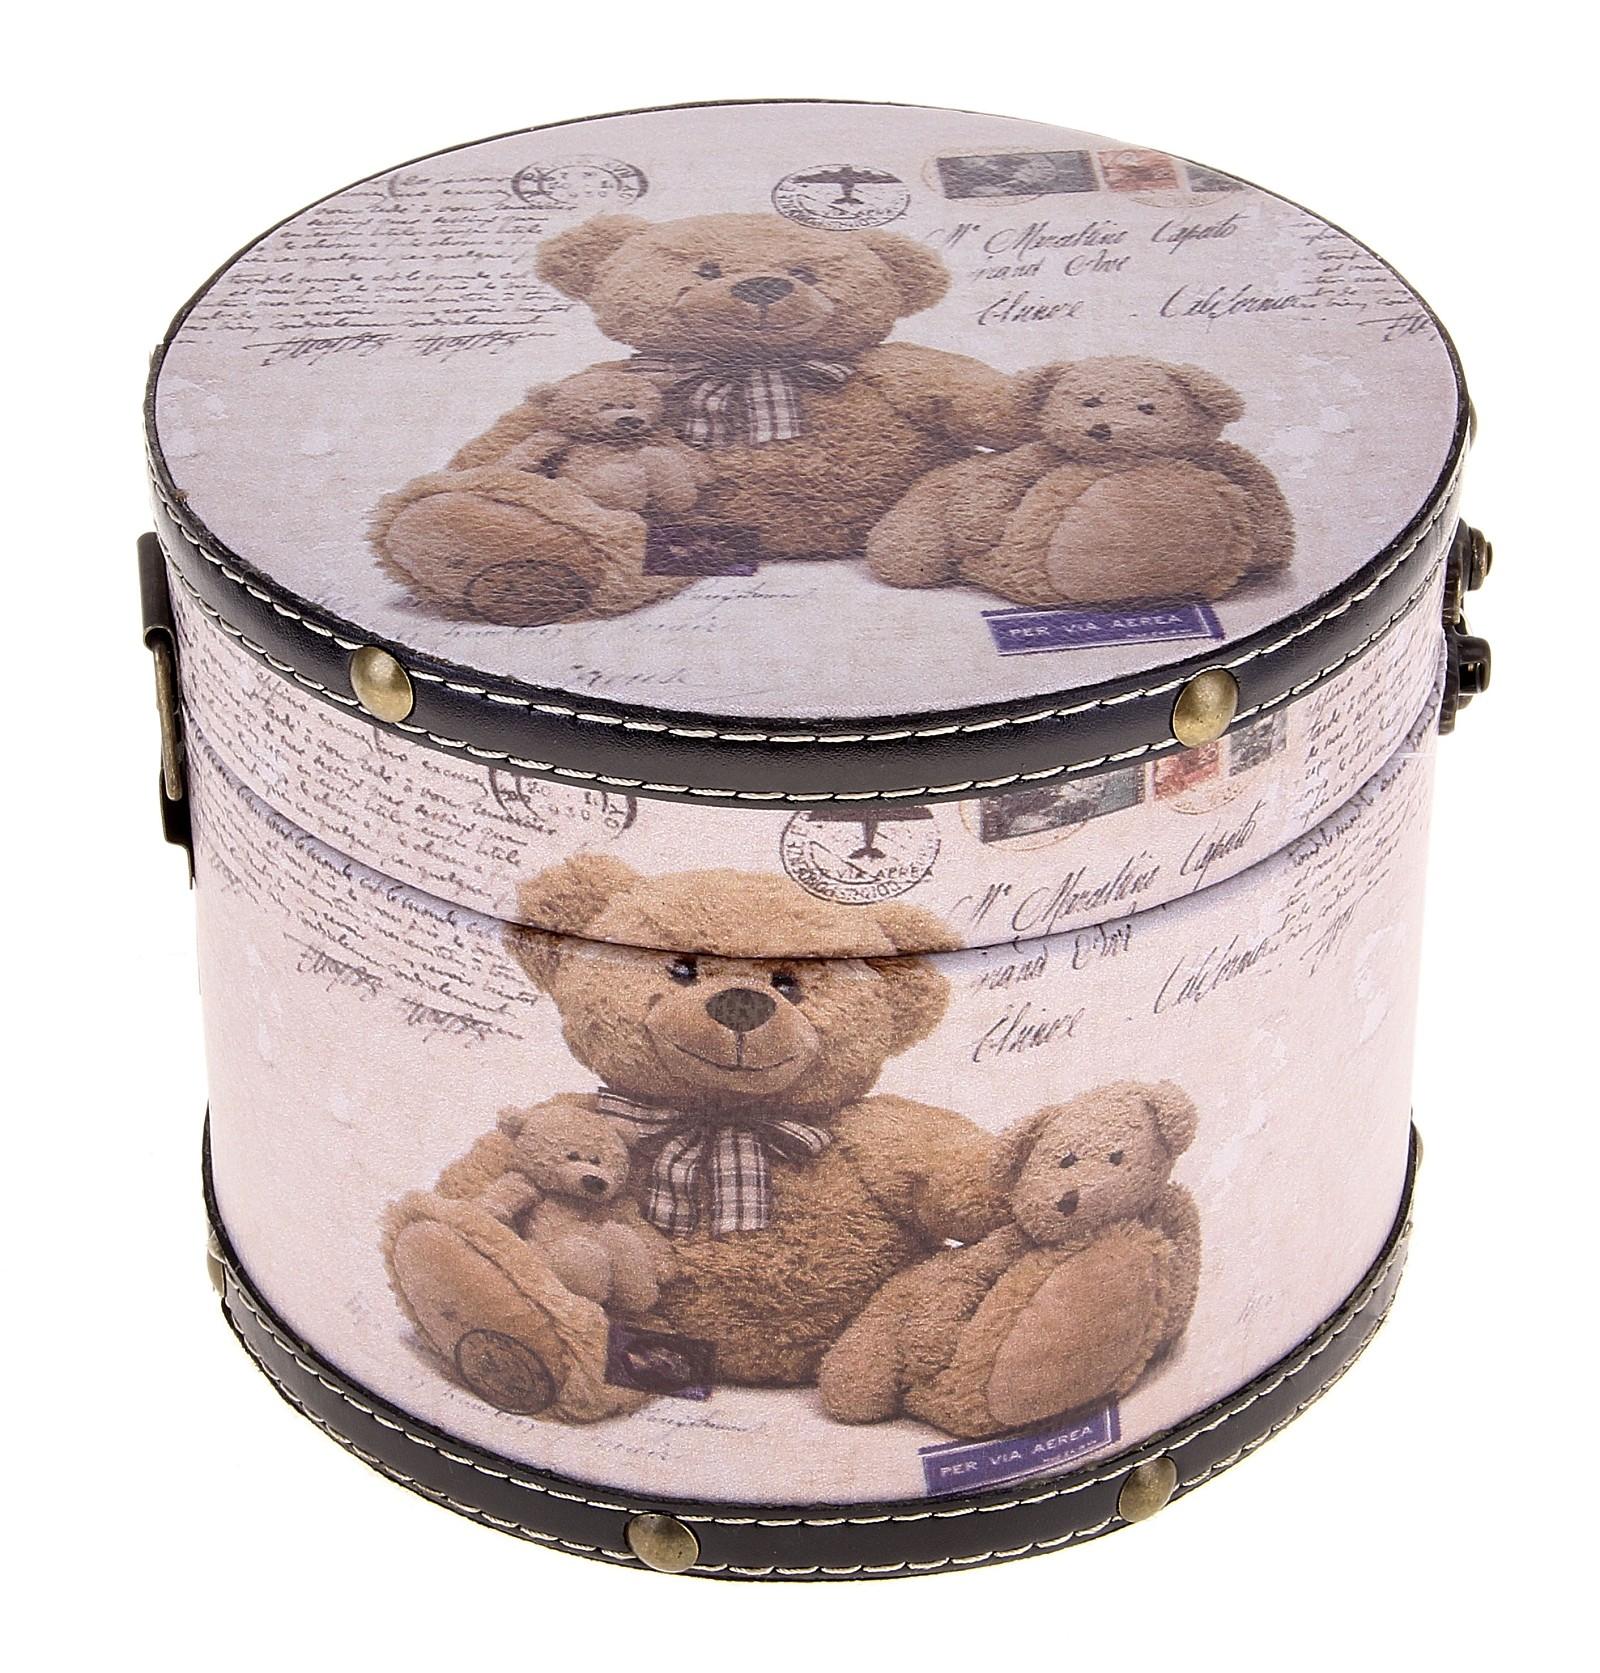 Шкатулка круглая Плюшевый мишка, 17,5 х 17,5 х 13 см682476Шкатулка Плюшевый мишка изготовлена из дерева. Оригинальное оформление шкатулки, несомненно, привлечет внимание. Она имеет круглую форму и декорирована изображением милых плюшевых медвежат. Шкатулка закрывается на крепкий металлический замочек. Такая шкатулка может использоваться для хранения бижутерии, в качестве украшения интерьера, а также послужит хорошим подарком для человека, ценящего практичные и оригинальные вещицы. Характеристики: Материал: дерево, металл. Размер шкатулки (в закрытом виде): 17,5 см х 17,5 см х 13 см. Размер упаковки: 18 см х 18 см х 14 см. Артикул: 682476.